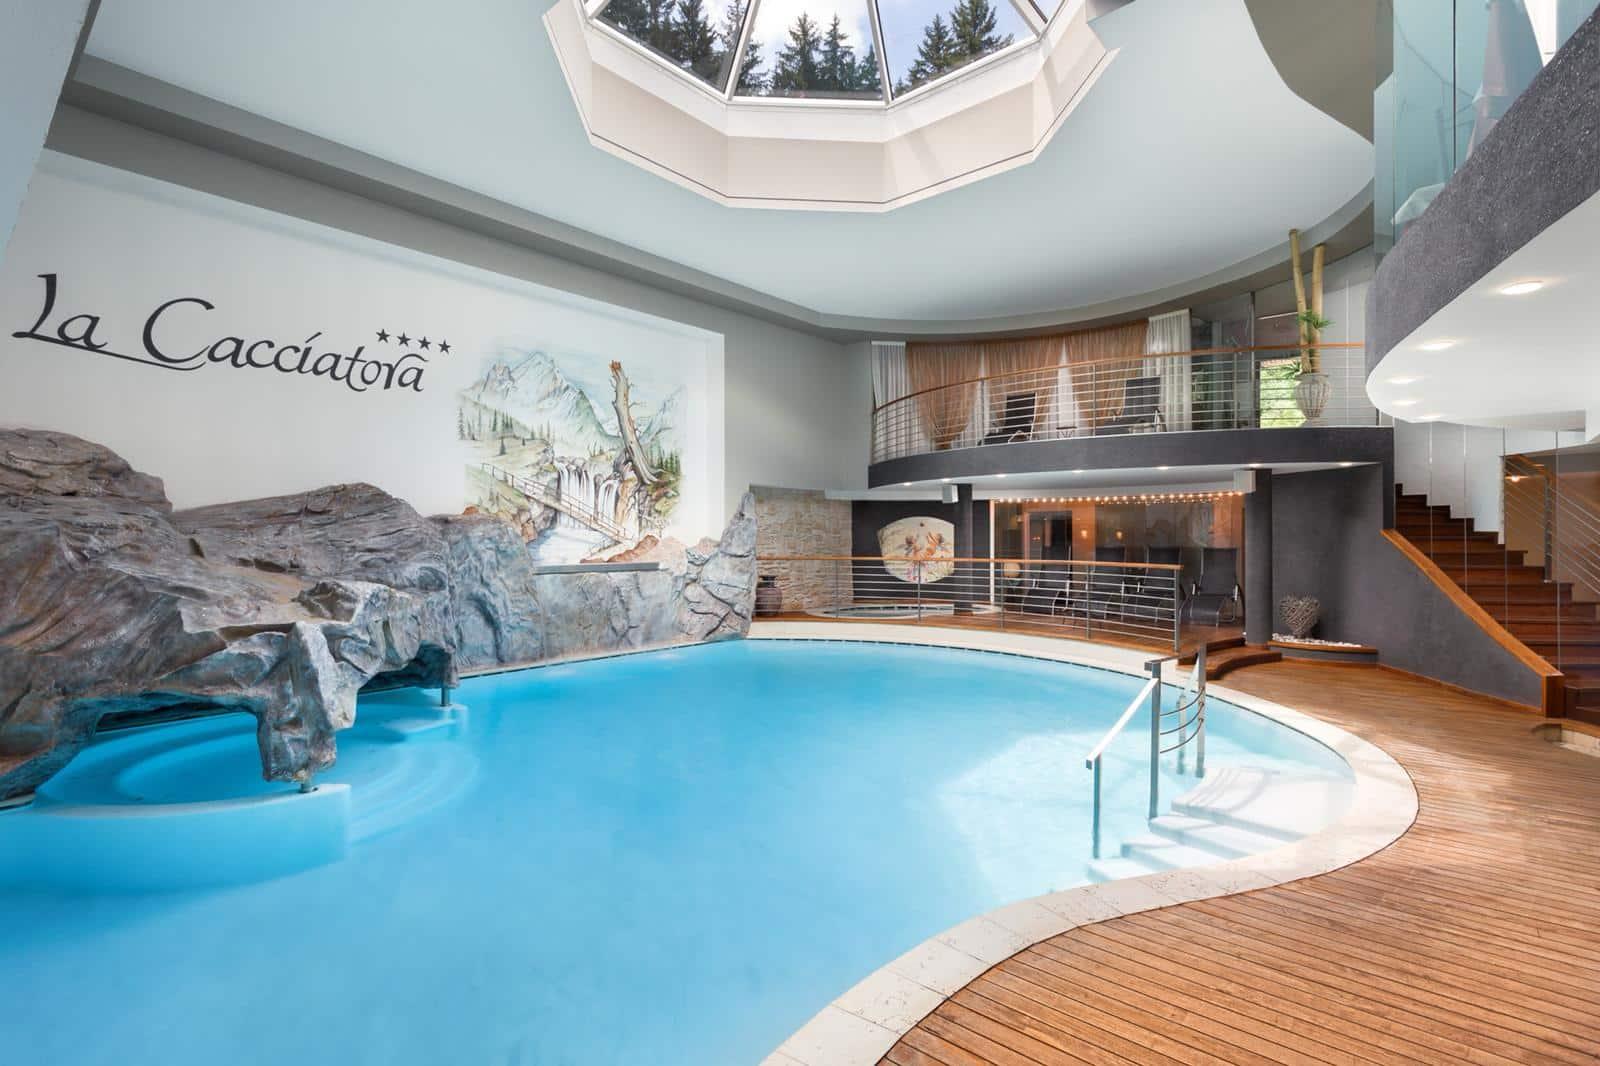 Wellnesshotel In Sudtirol Hotel La Cacciatora Im Herzen Der Dolomiten